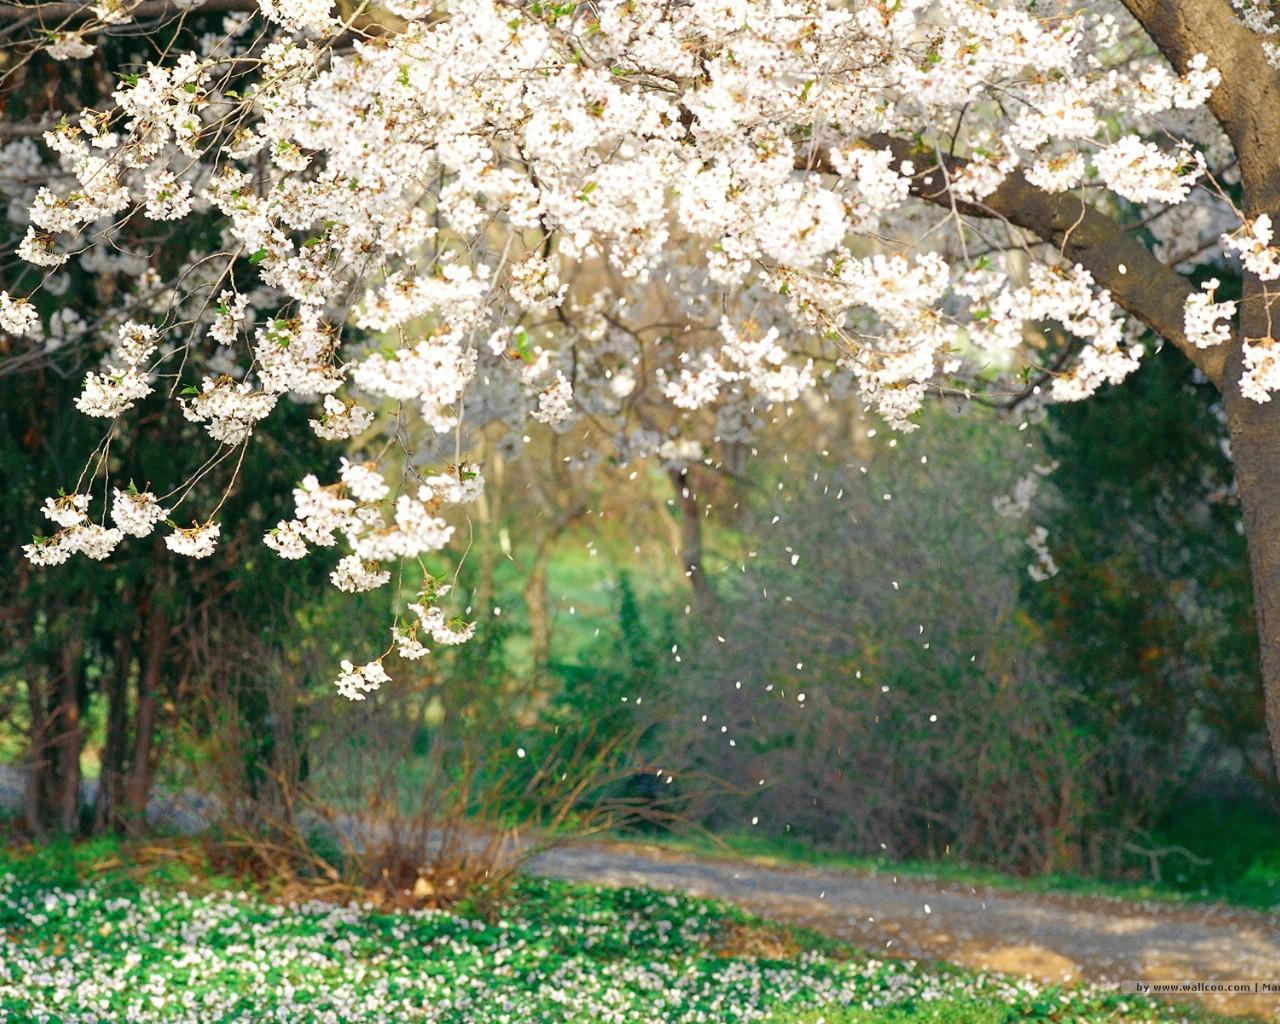 壁纸1280×1024二 春天花卉图片壁纸 Desktop Wallpaper of Spring Flowers壁纸 春暖花开壁纸图片花卉壁纸花卉图片素材桌面壁纸